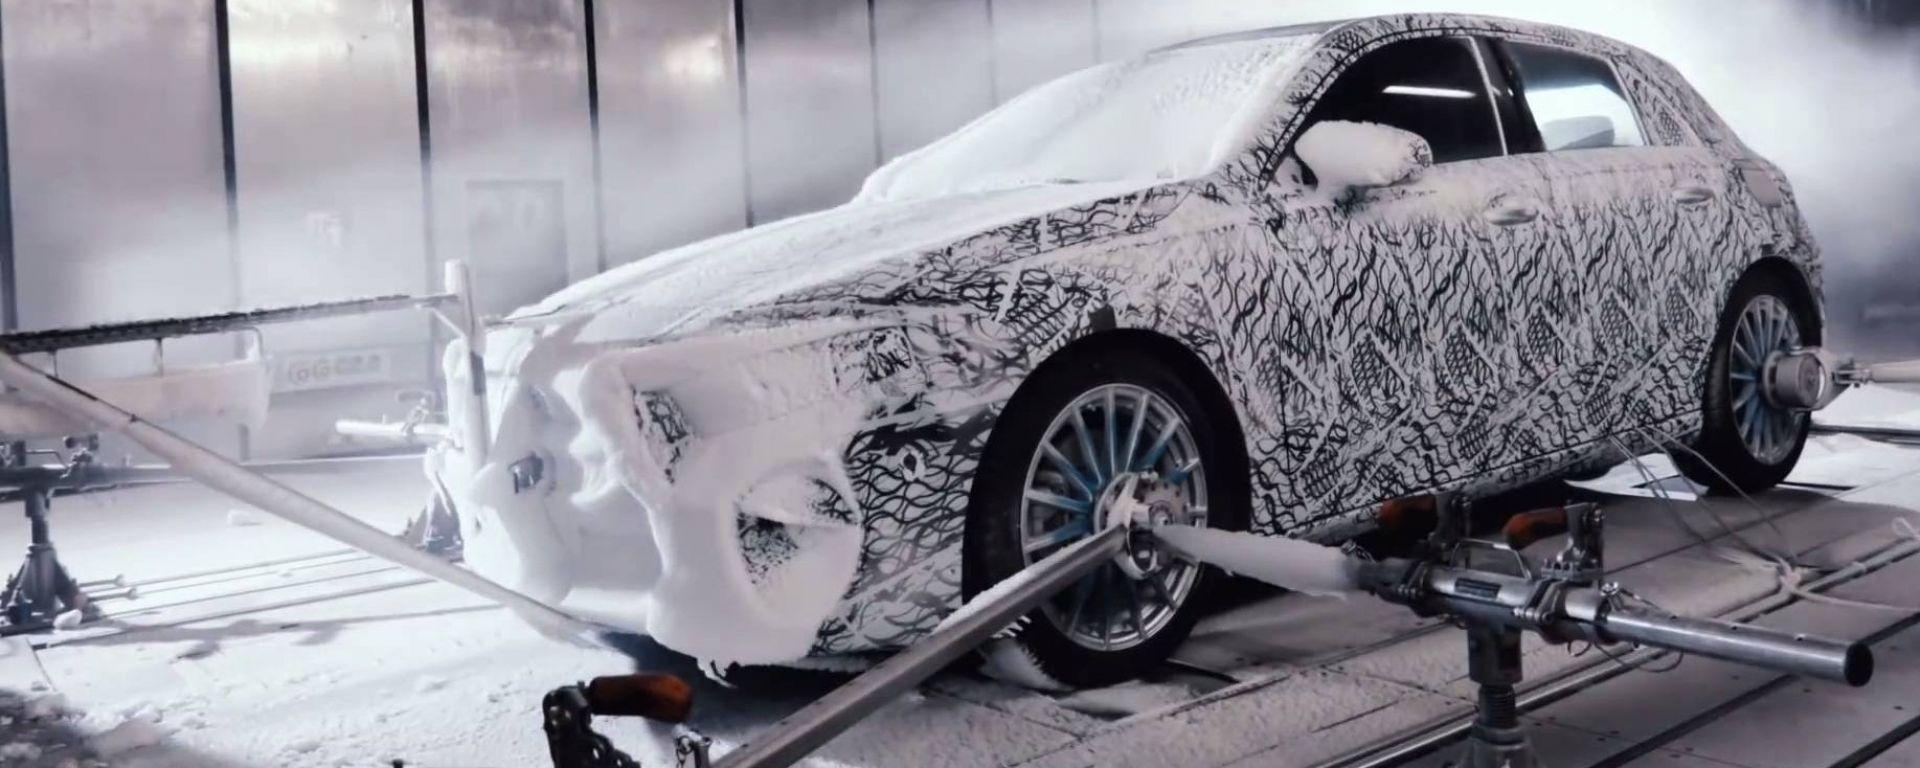 Nuova Mercedes Classe A 2018: il video dei test invernali